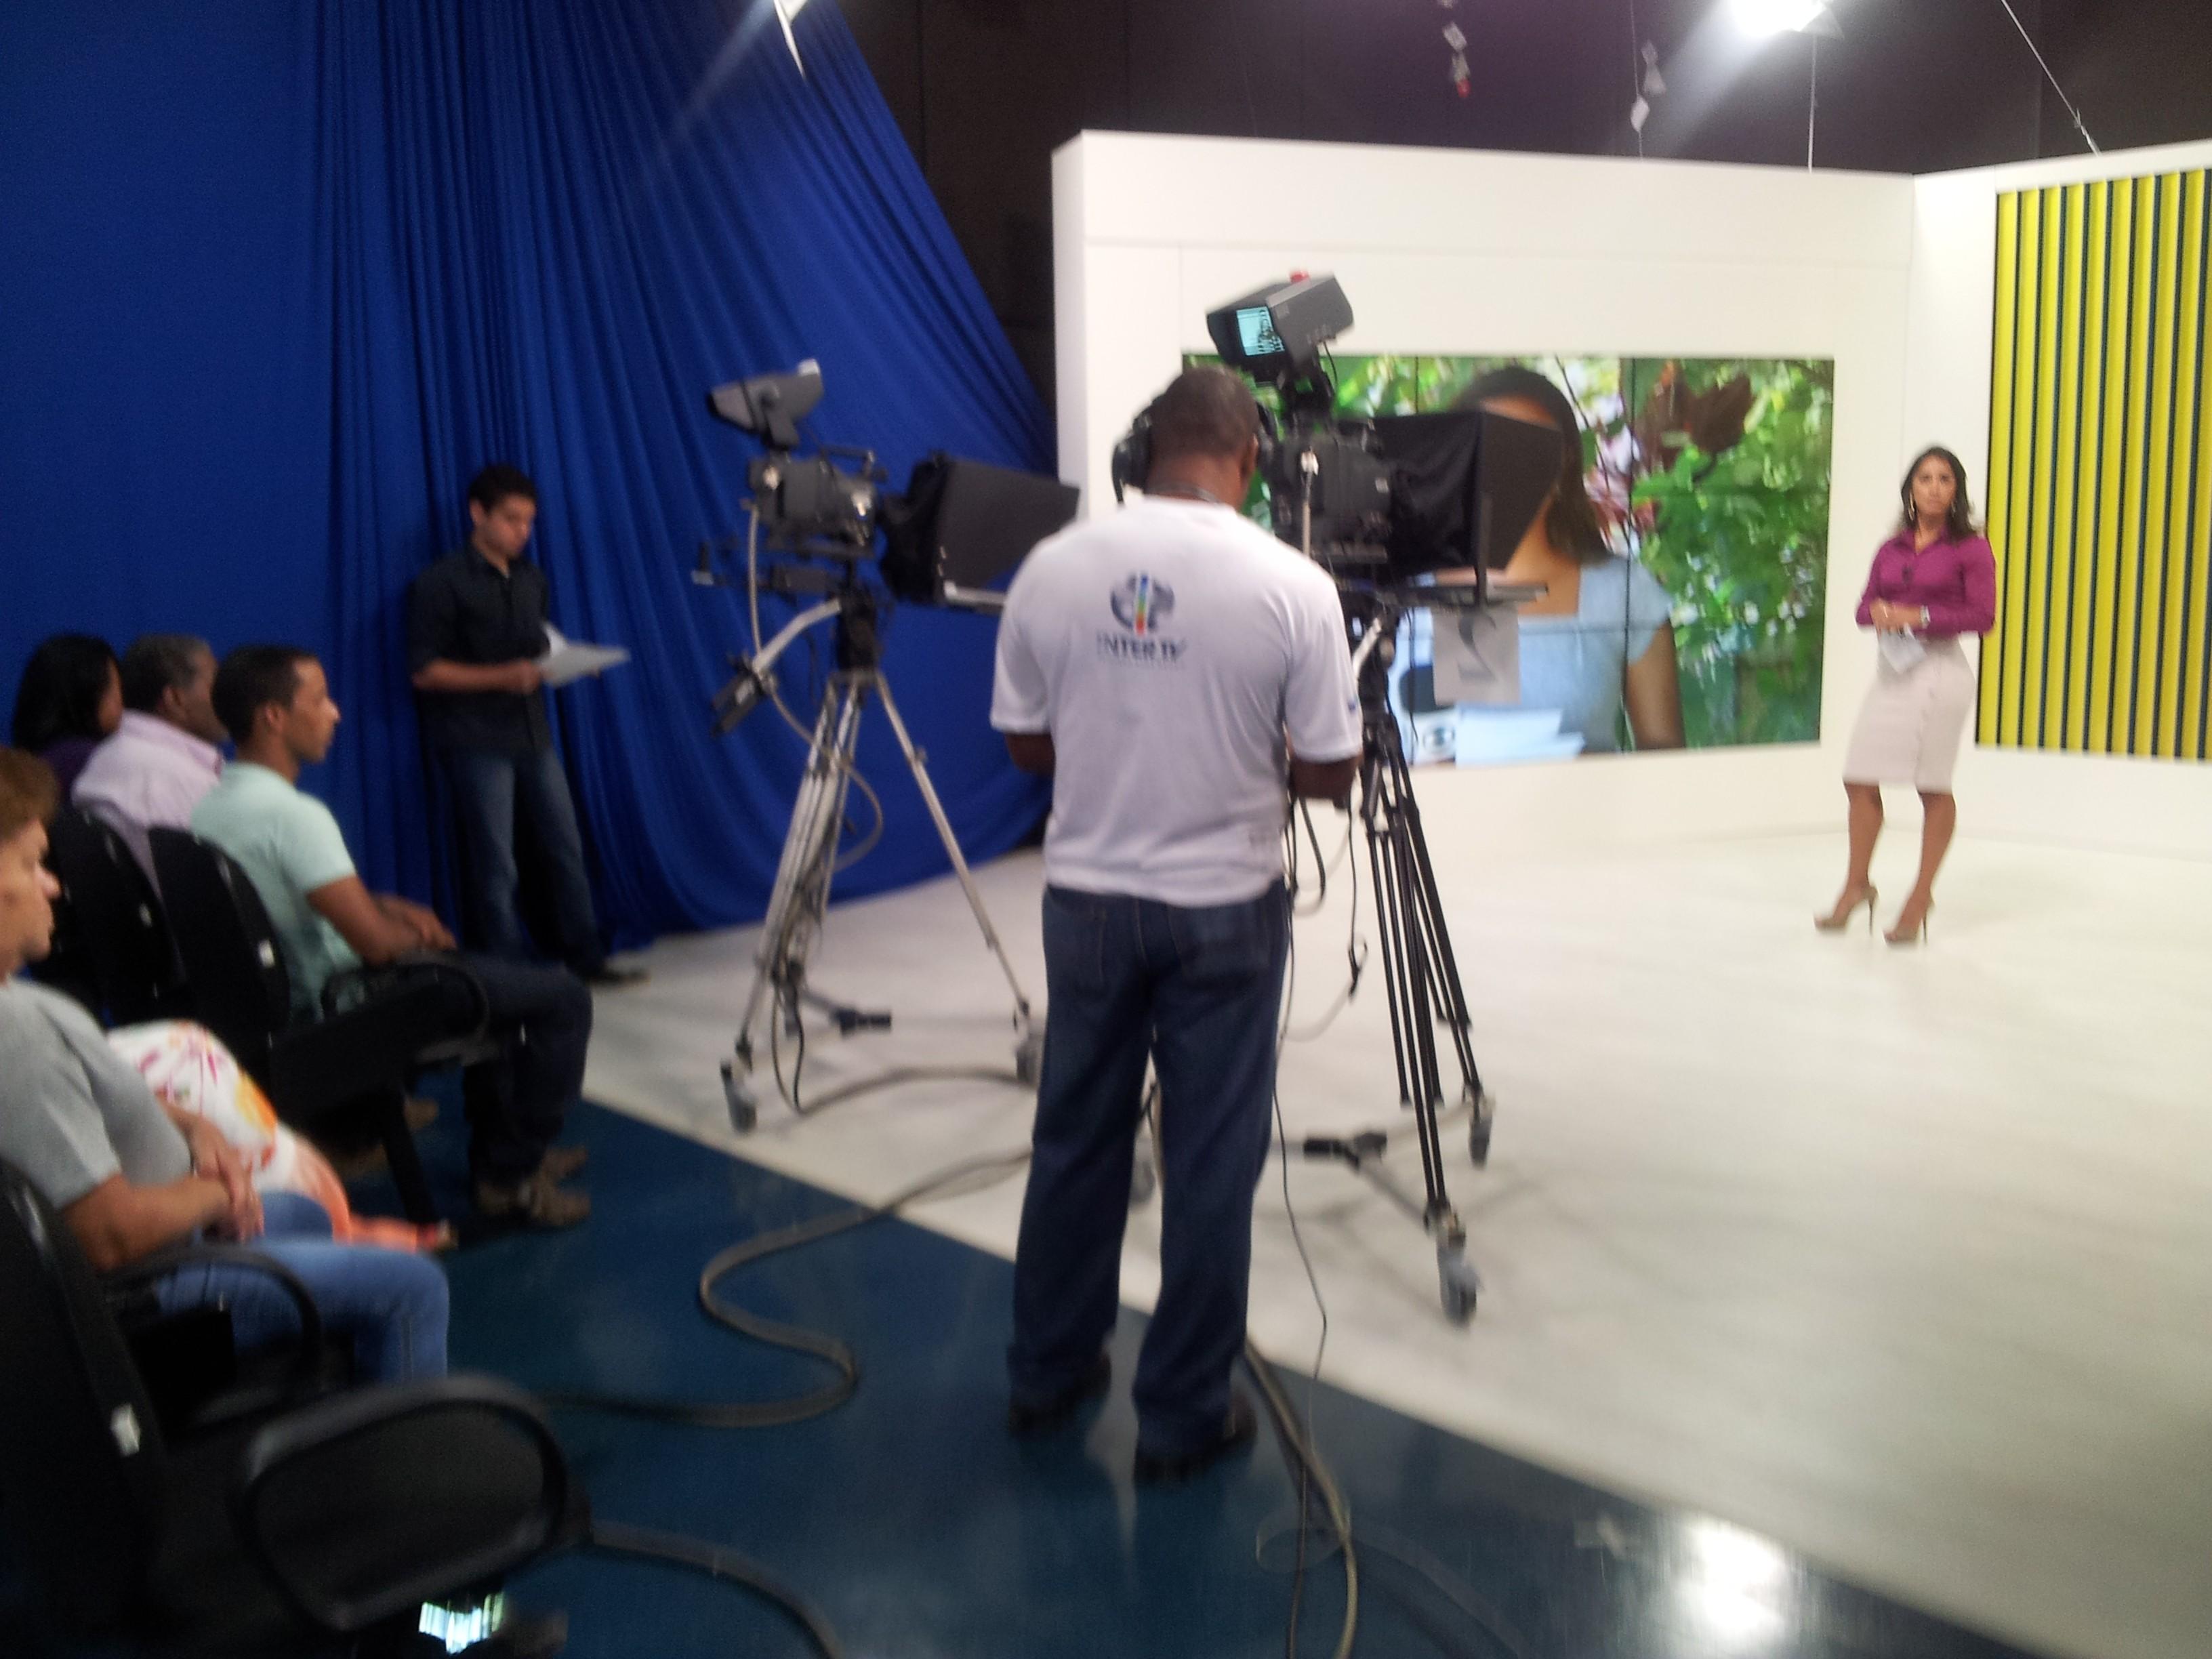 Estúdio Inter TV Cabo Frio 5 (Foto: Laís Vargas)